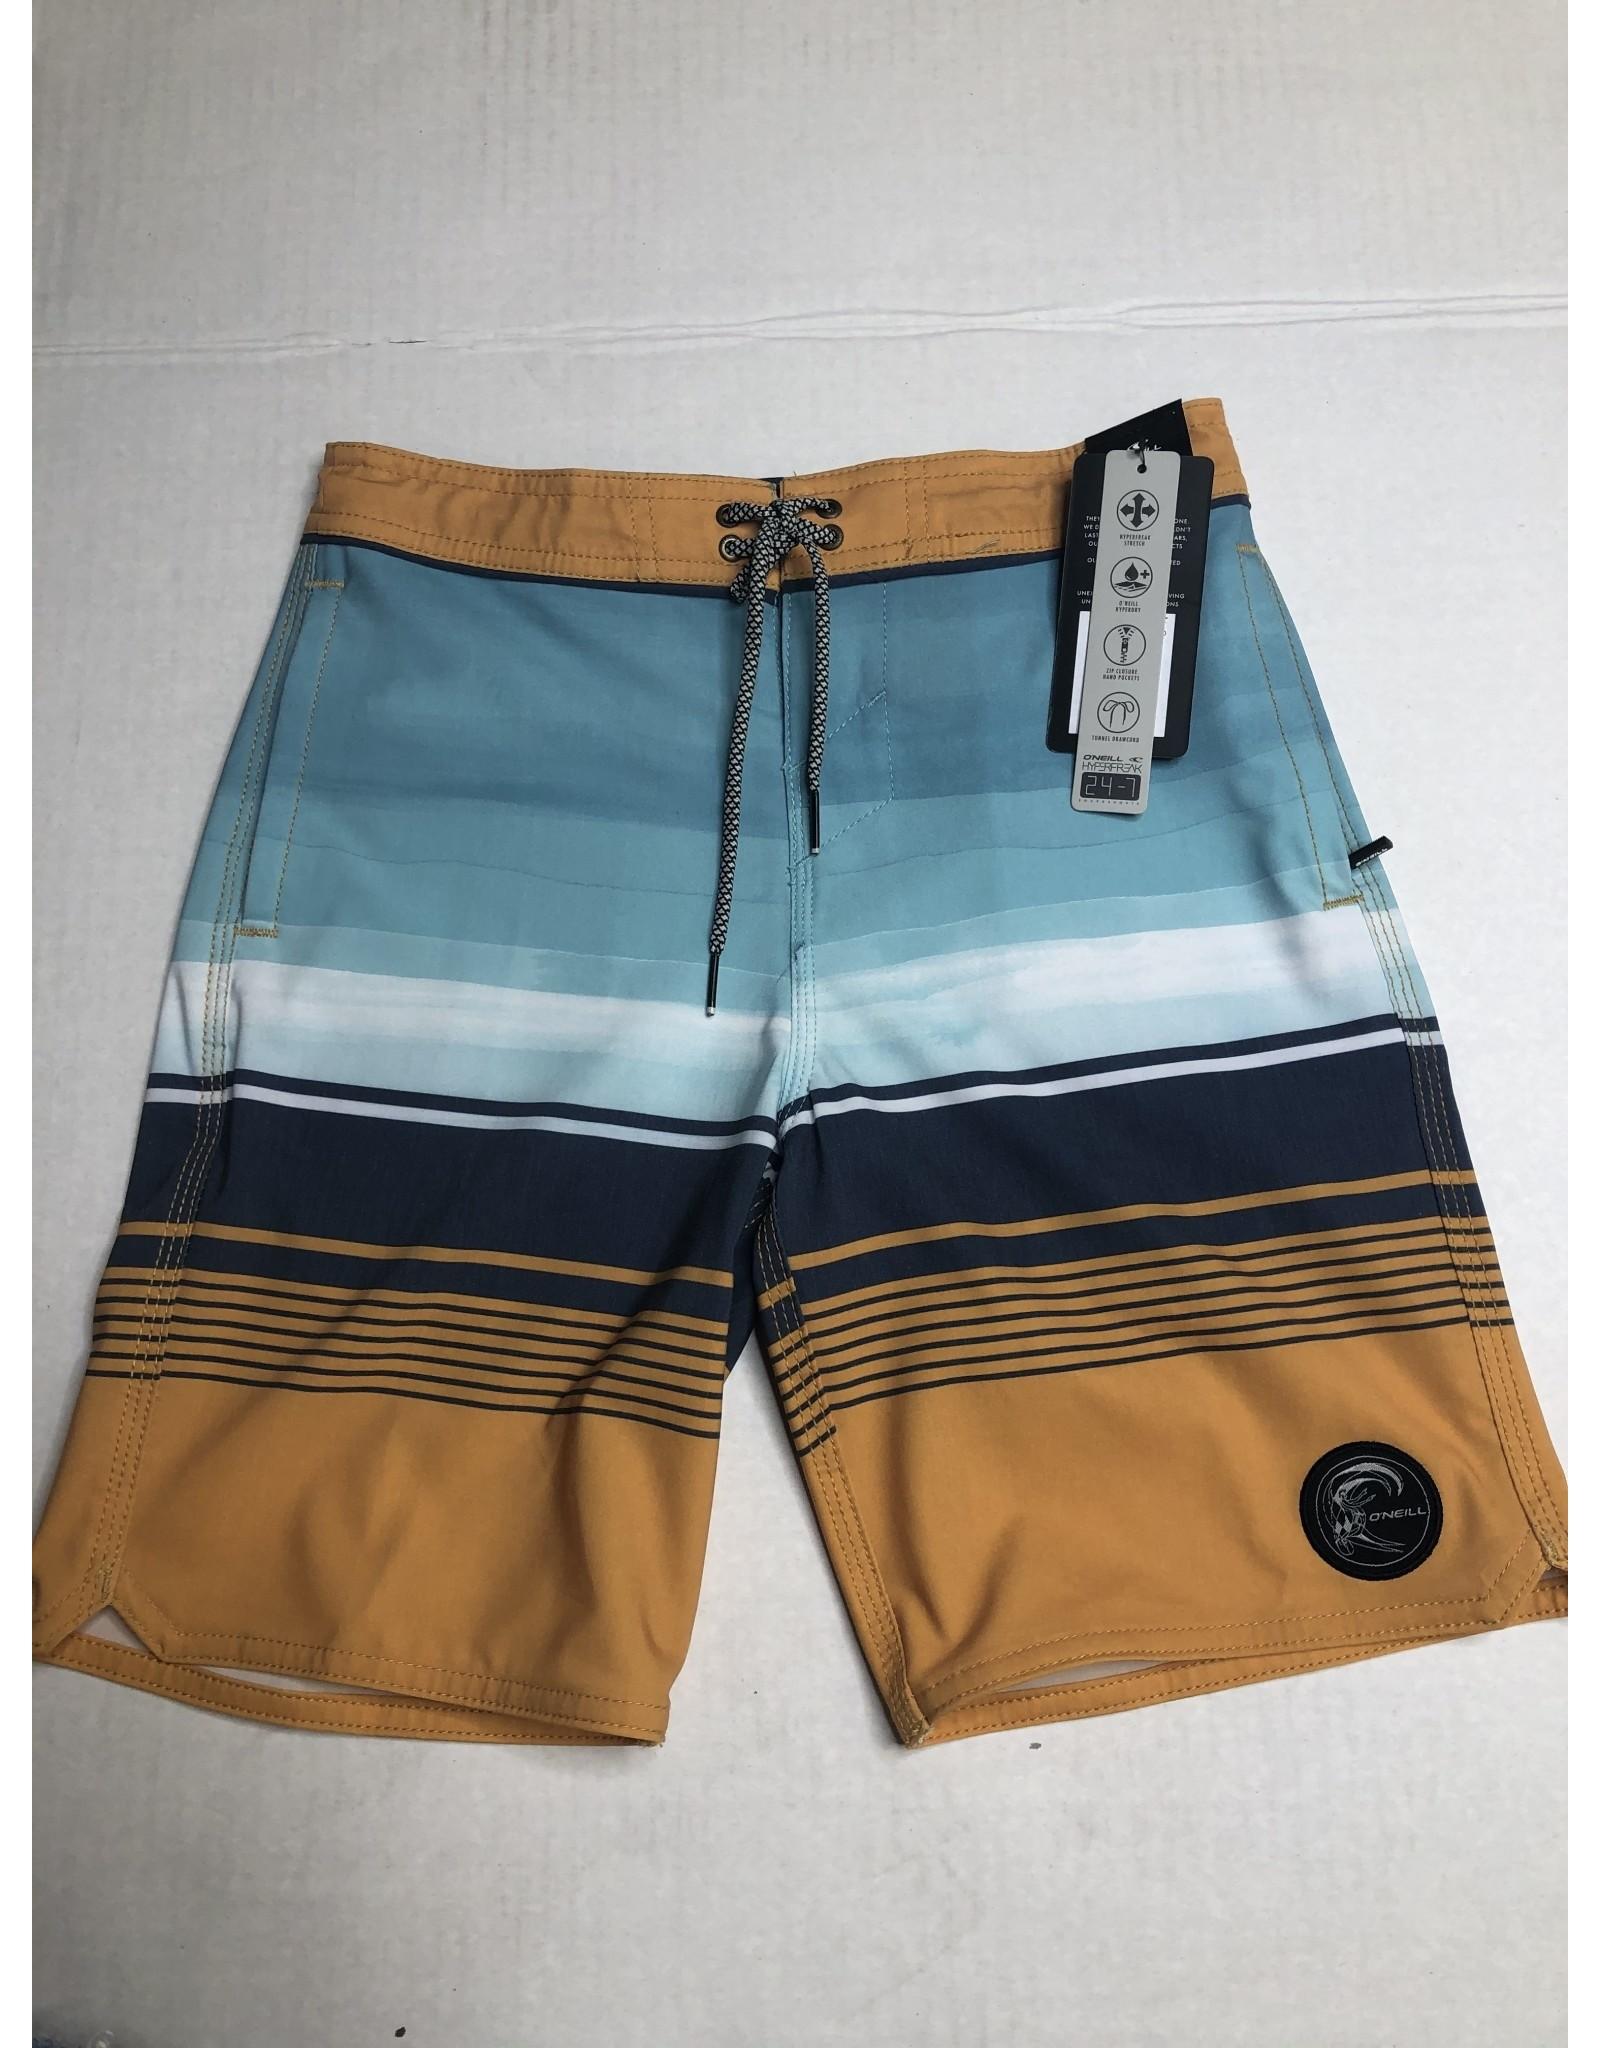 O'Neill Sportswear Hyperfreak Source 24-7 Gold